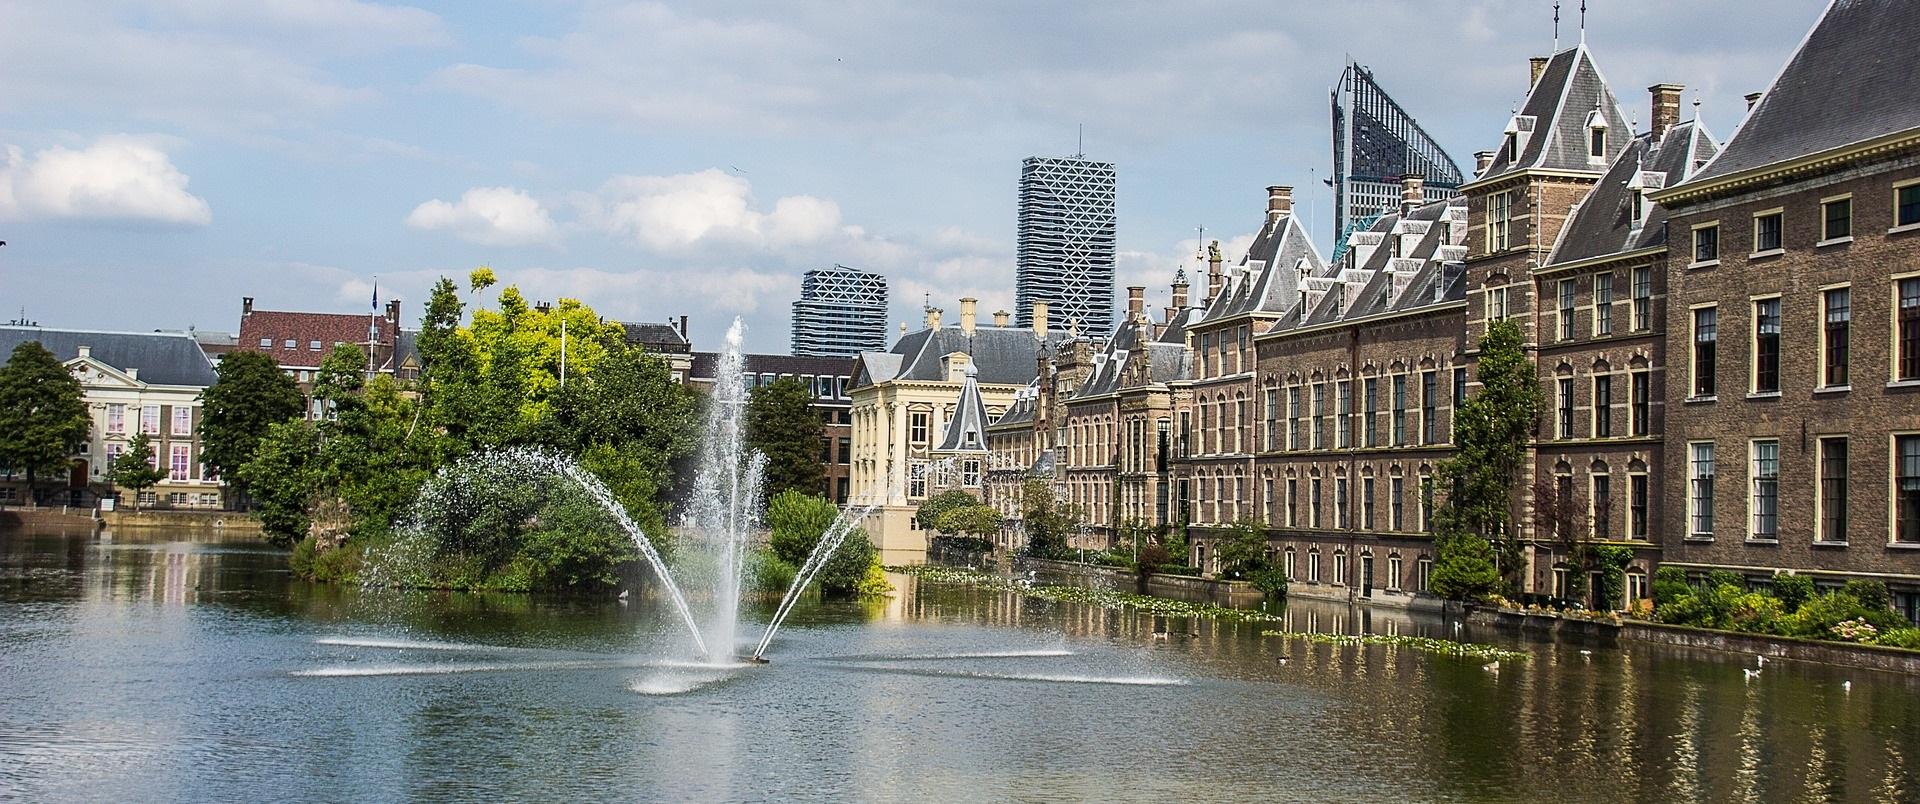 Zoekmachine optimalisatie Den Haag door Bratpack